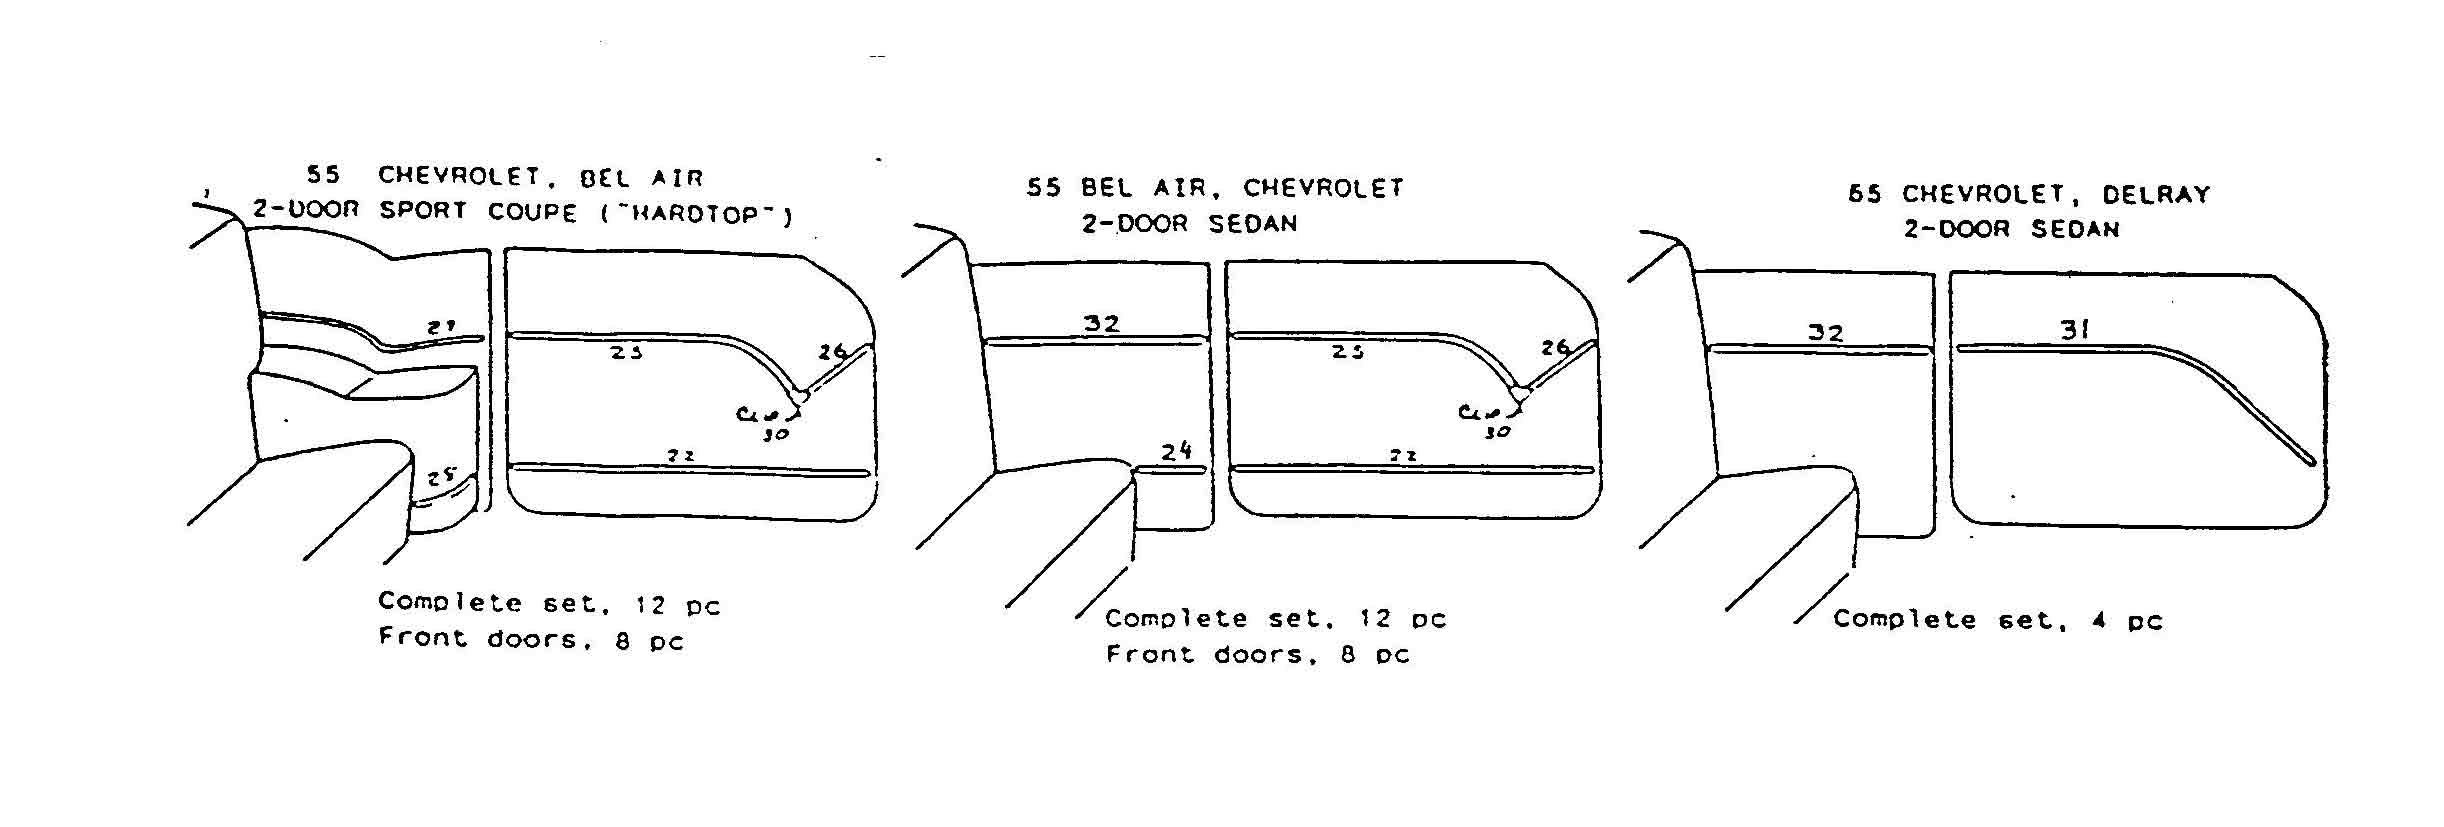 1955 chevy door panel blowup